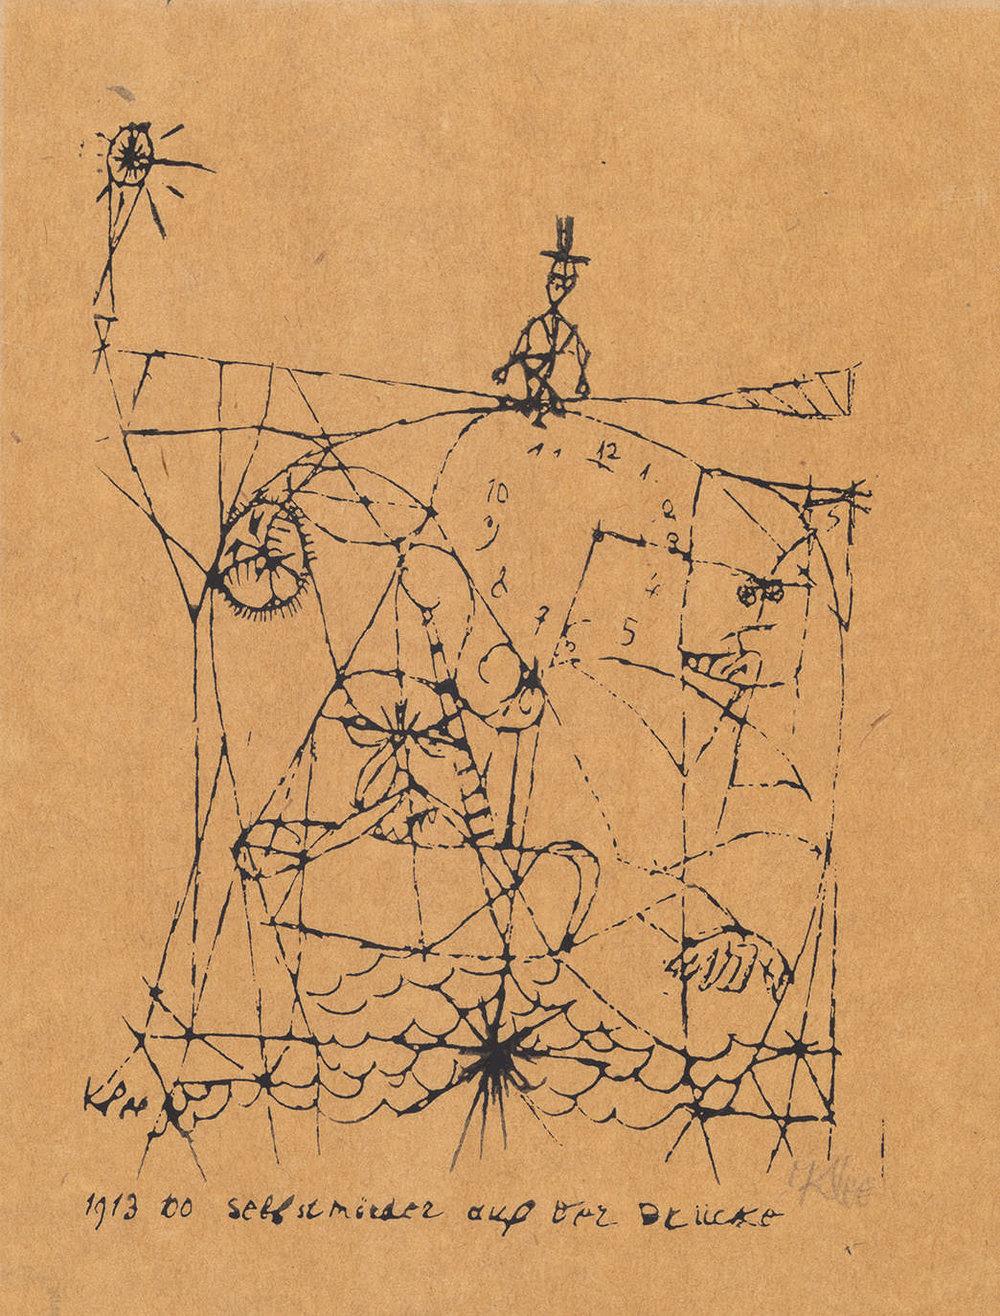 Abb.41 Paul Klee, Selbstmörder auf der Brücke, 1913, Handdruck mit dem Cliché von 1913, 100 , 25,4 x 18,5 cm, Zentrum Paul Klee, Bern © Zentrum Paul Klee, Bern, Bildarchiv